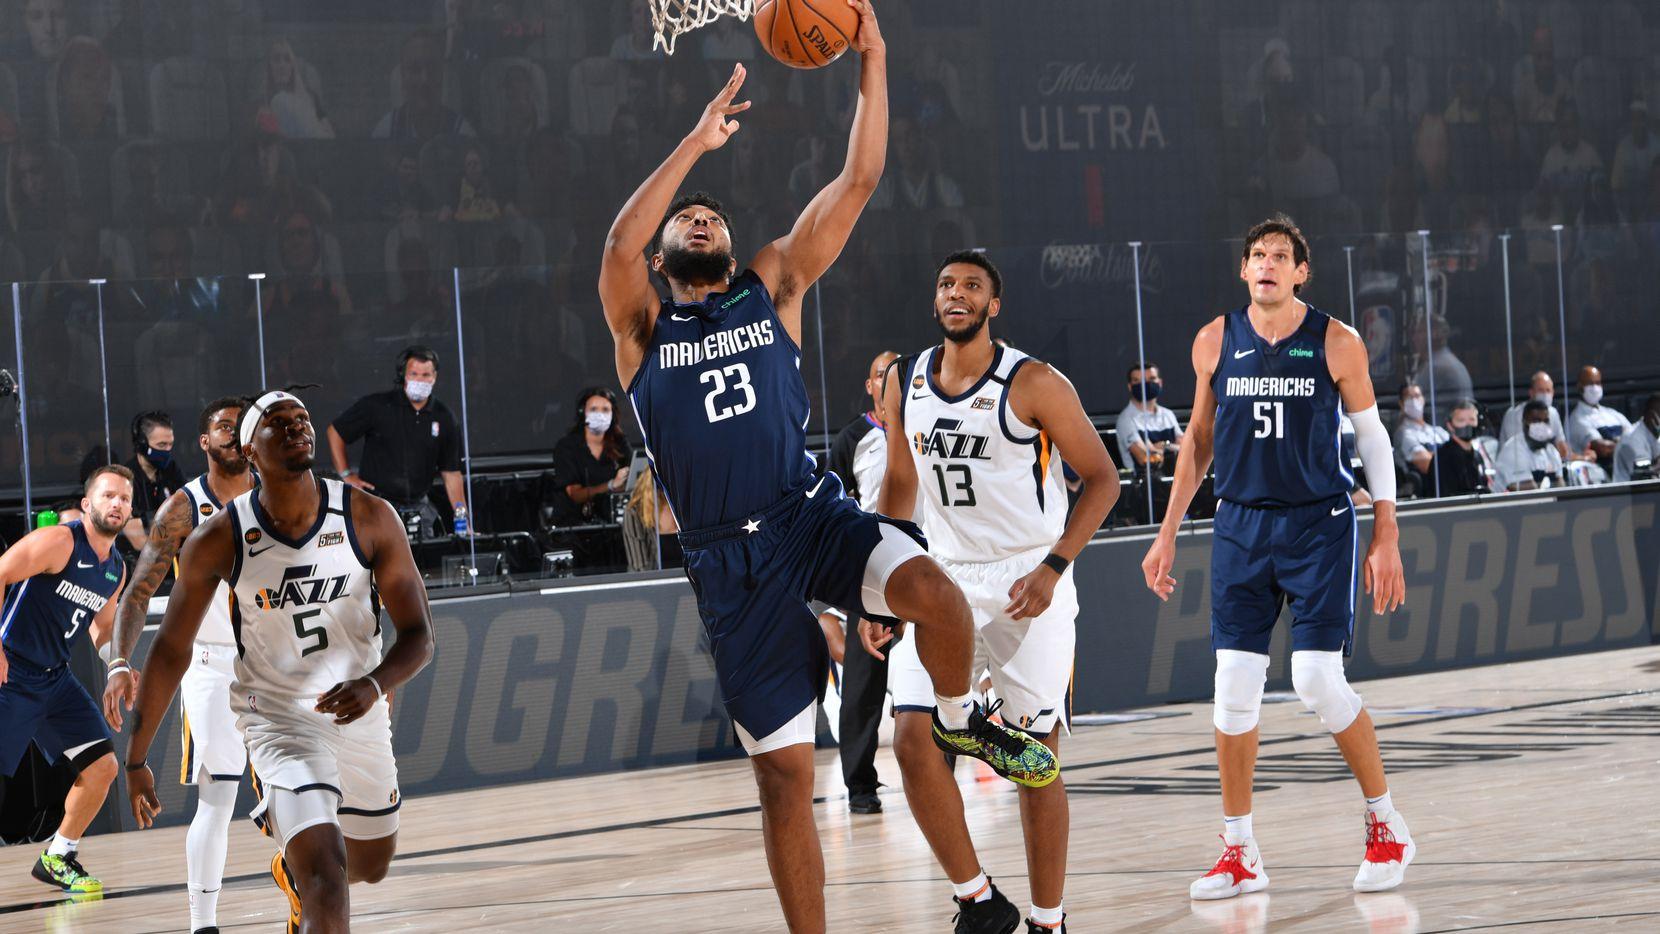 El jugador de los Dallas Mavericks, Josh Reaves, encesta ante el Jazz de Utah en el juego disputado el 10 de agosto de 2020 en Orland,  Florida.